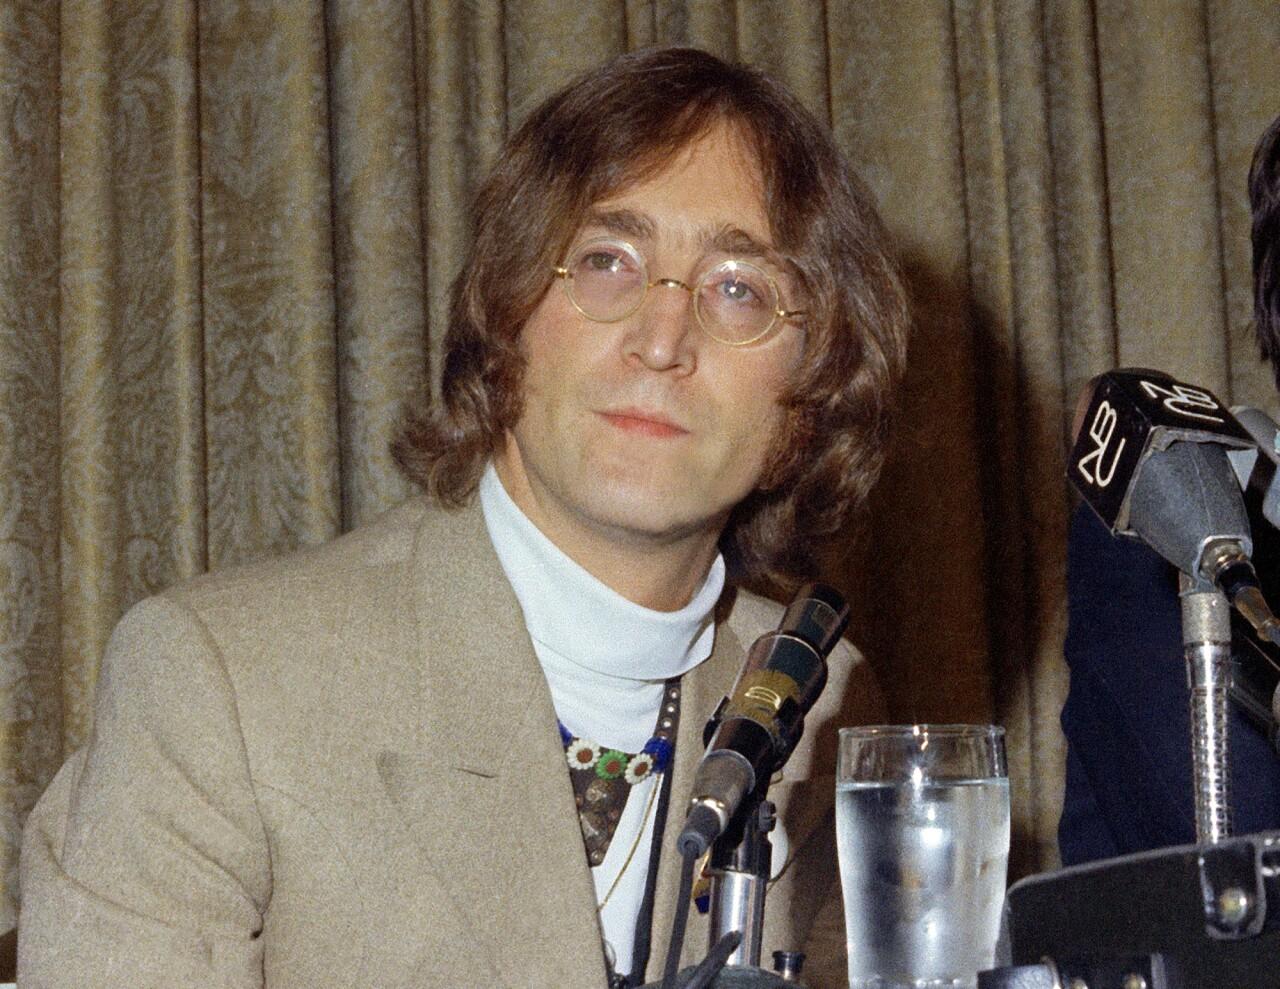 John Lennon circa 1971